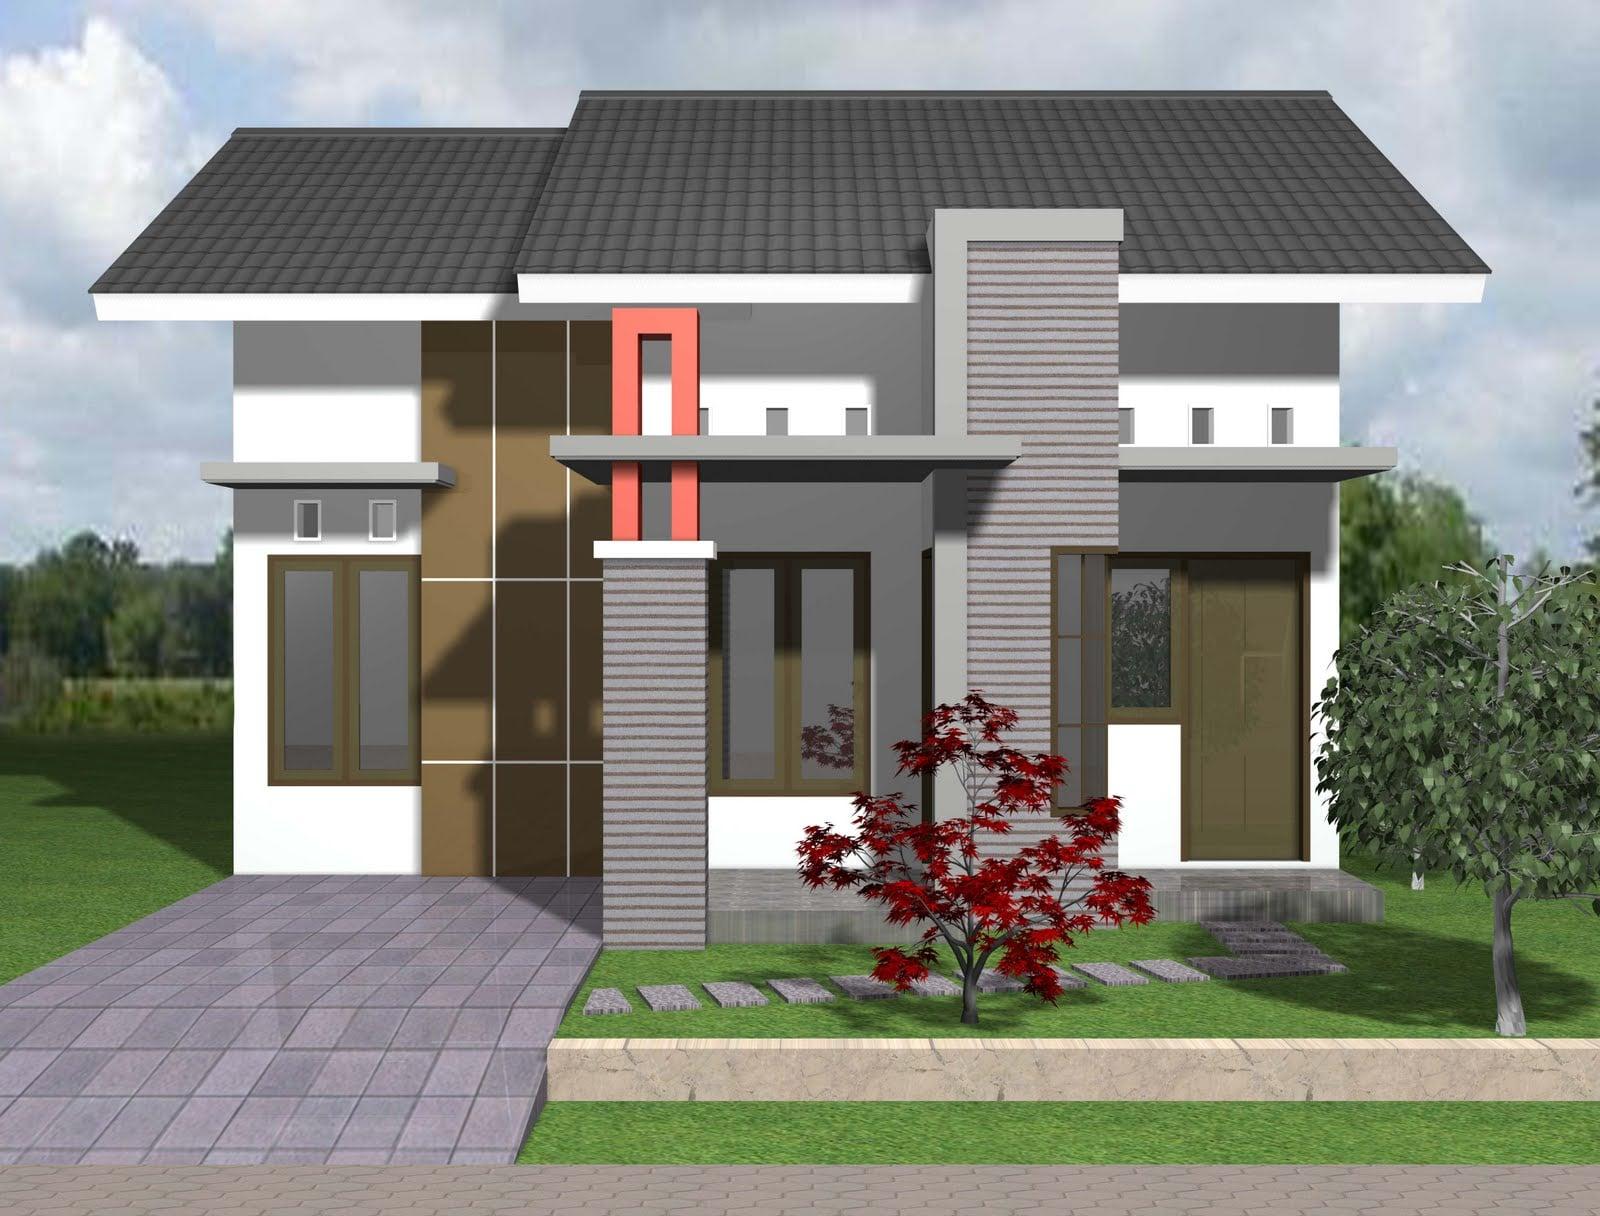 Kemewahan 21 Gambar Rumah Perumahan 82 Dengan Tambahan Perencana Dekorasi Rumah untuk 21 Gambar Rumah Perumahan